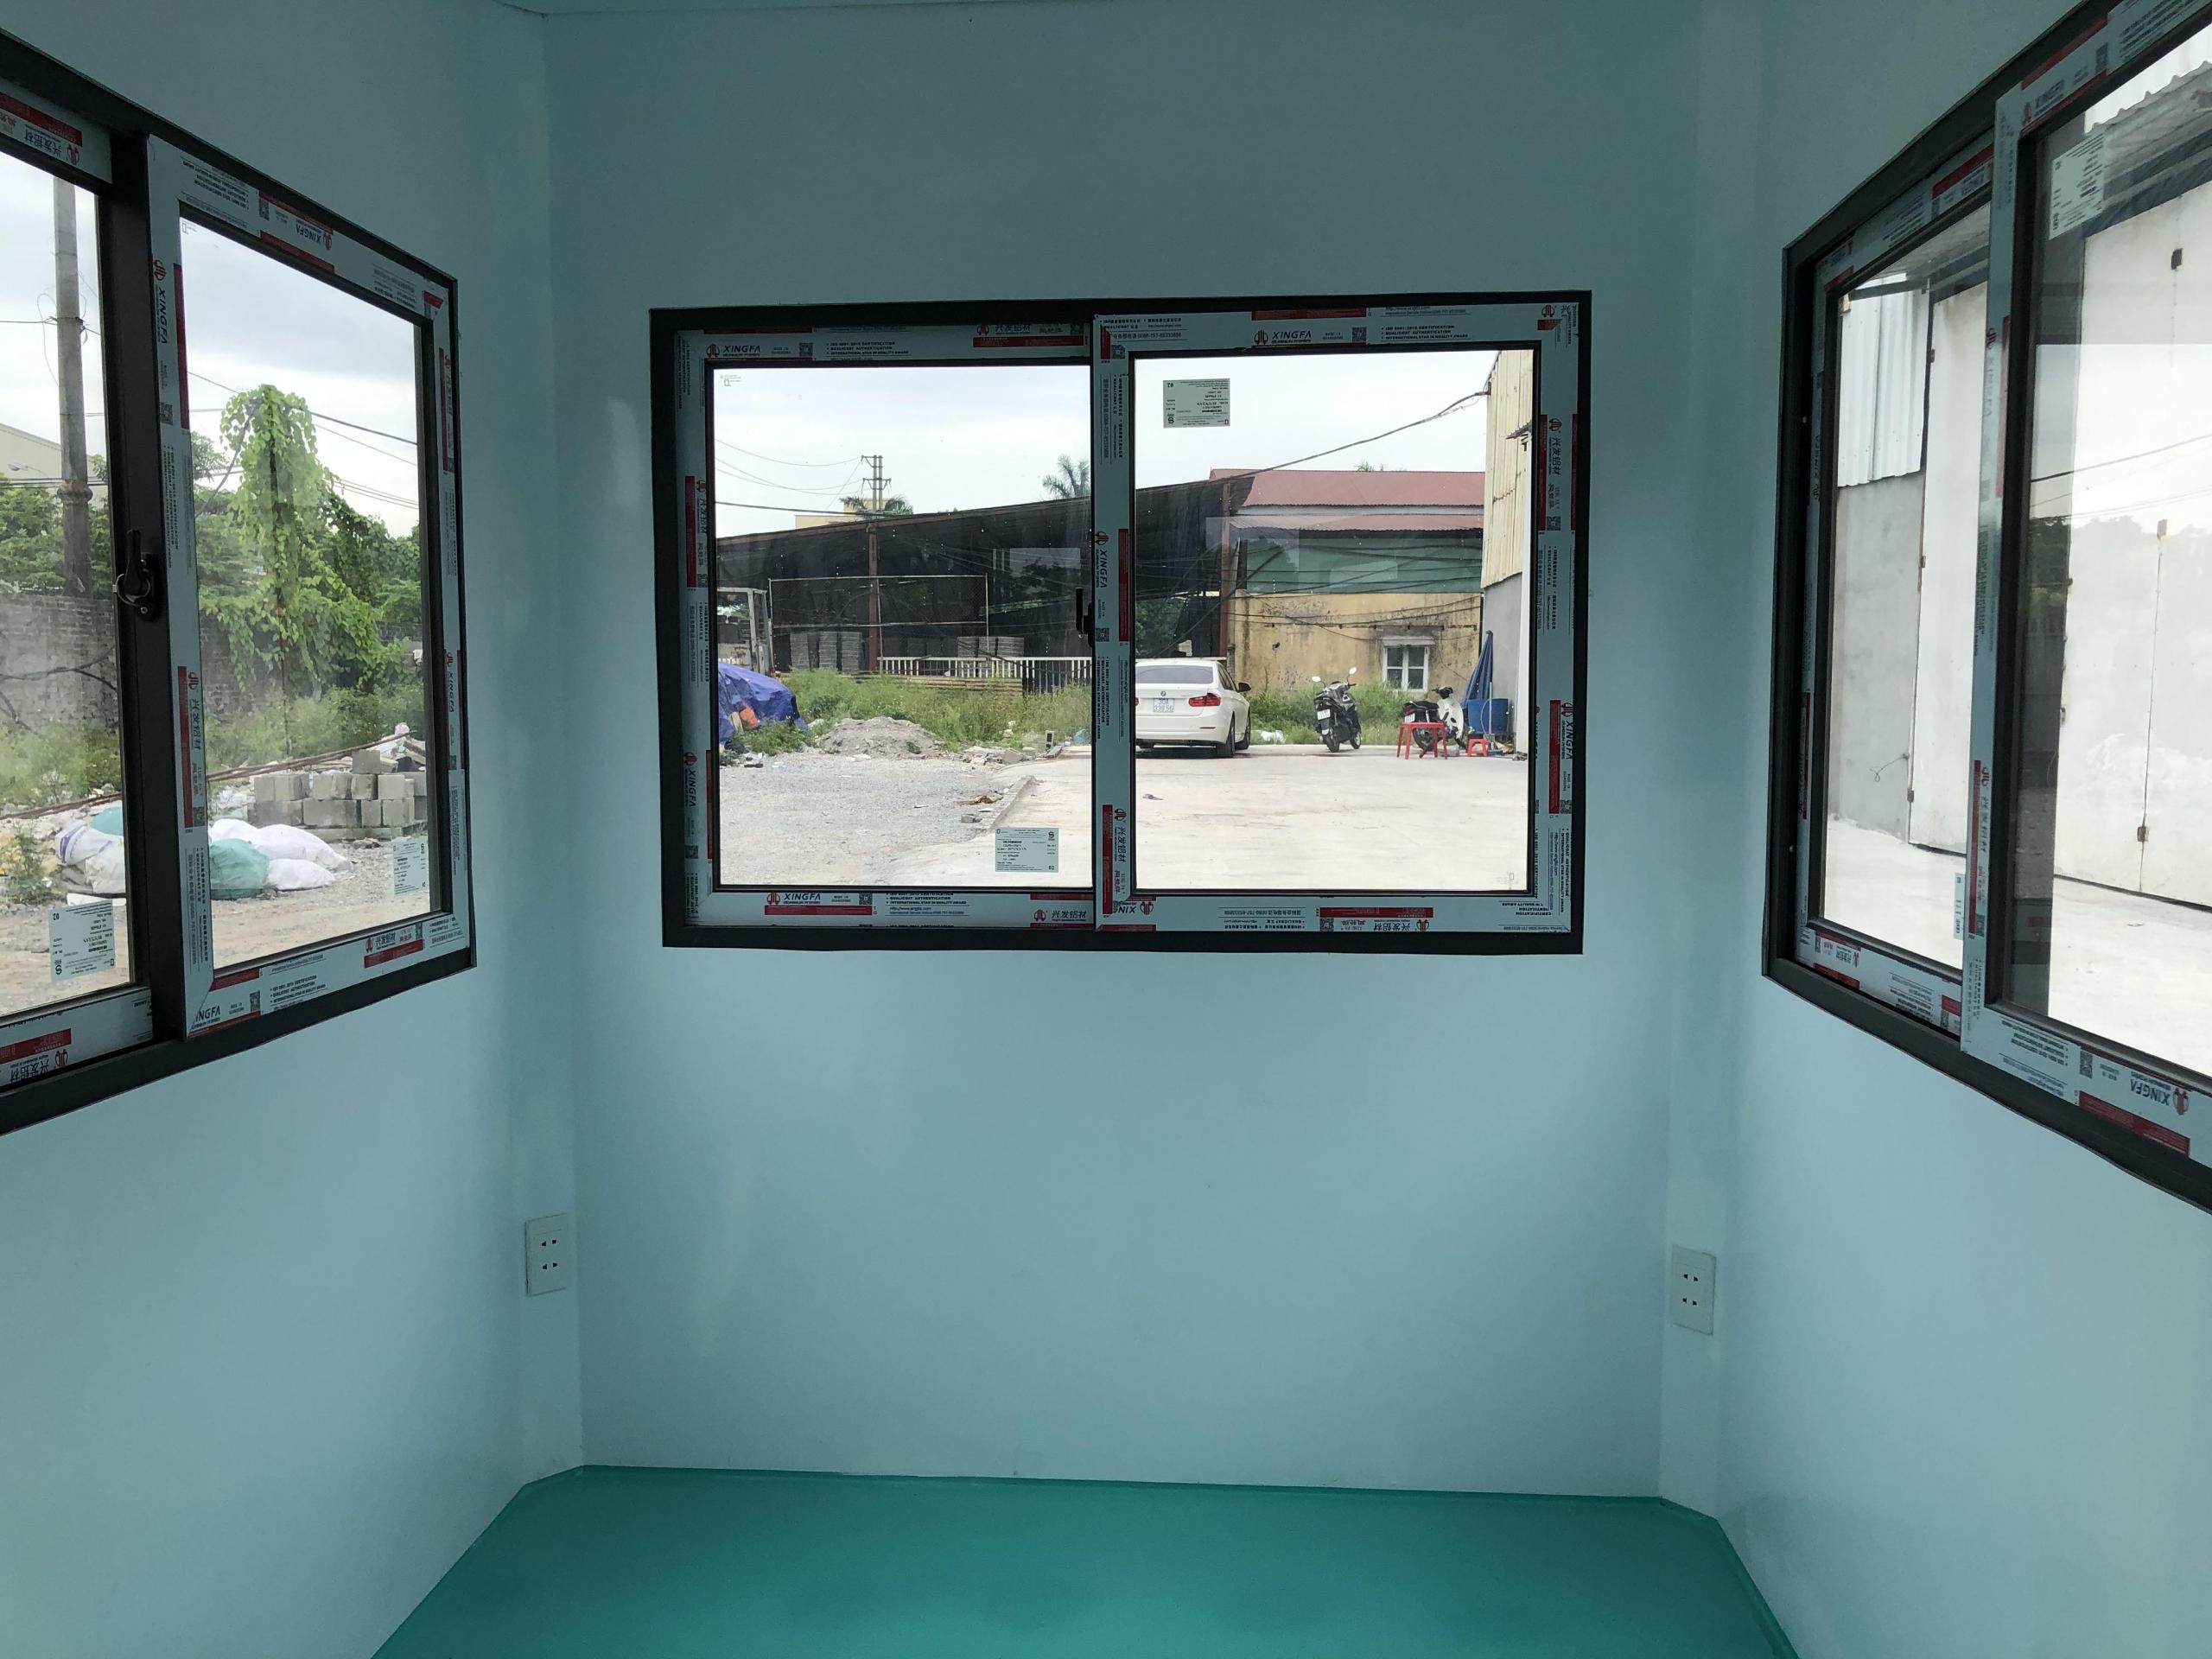 Nội thất nhà bảo vệ composite mái hộp